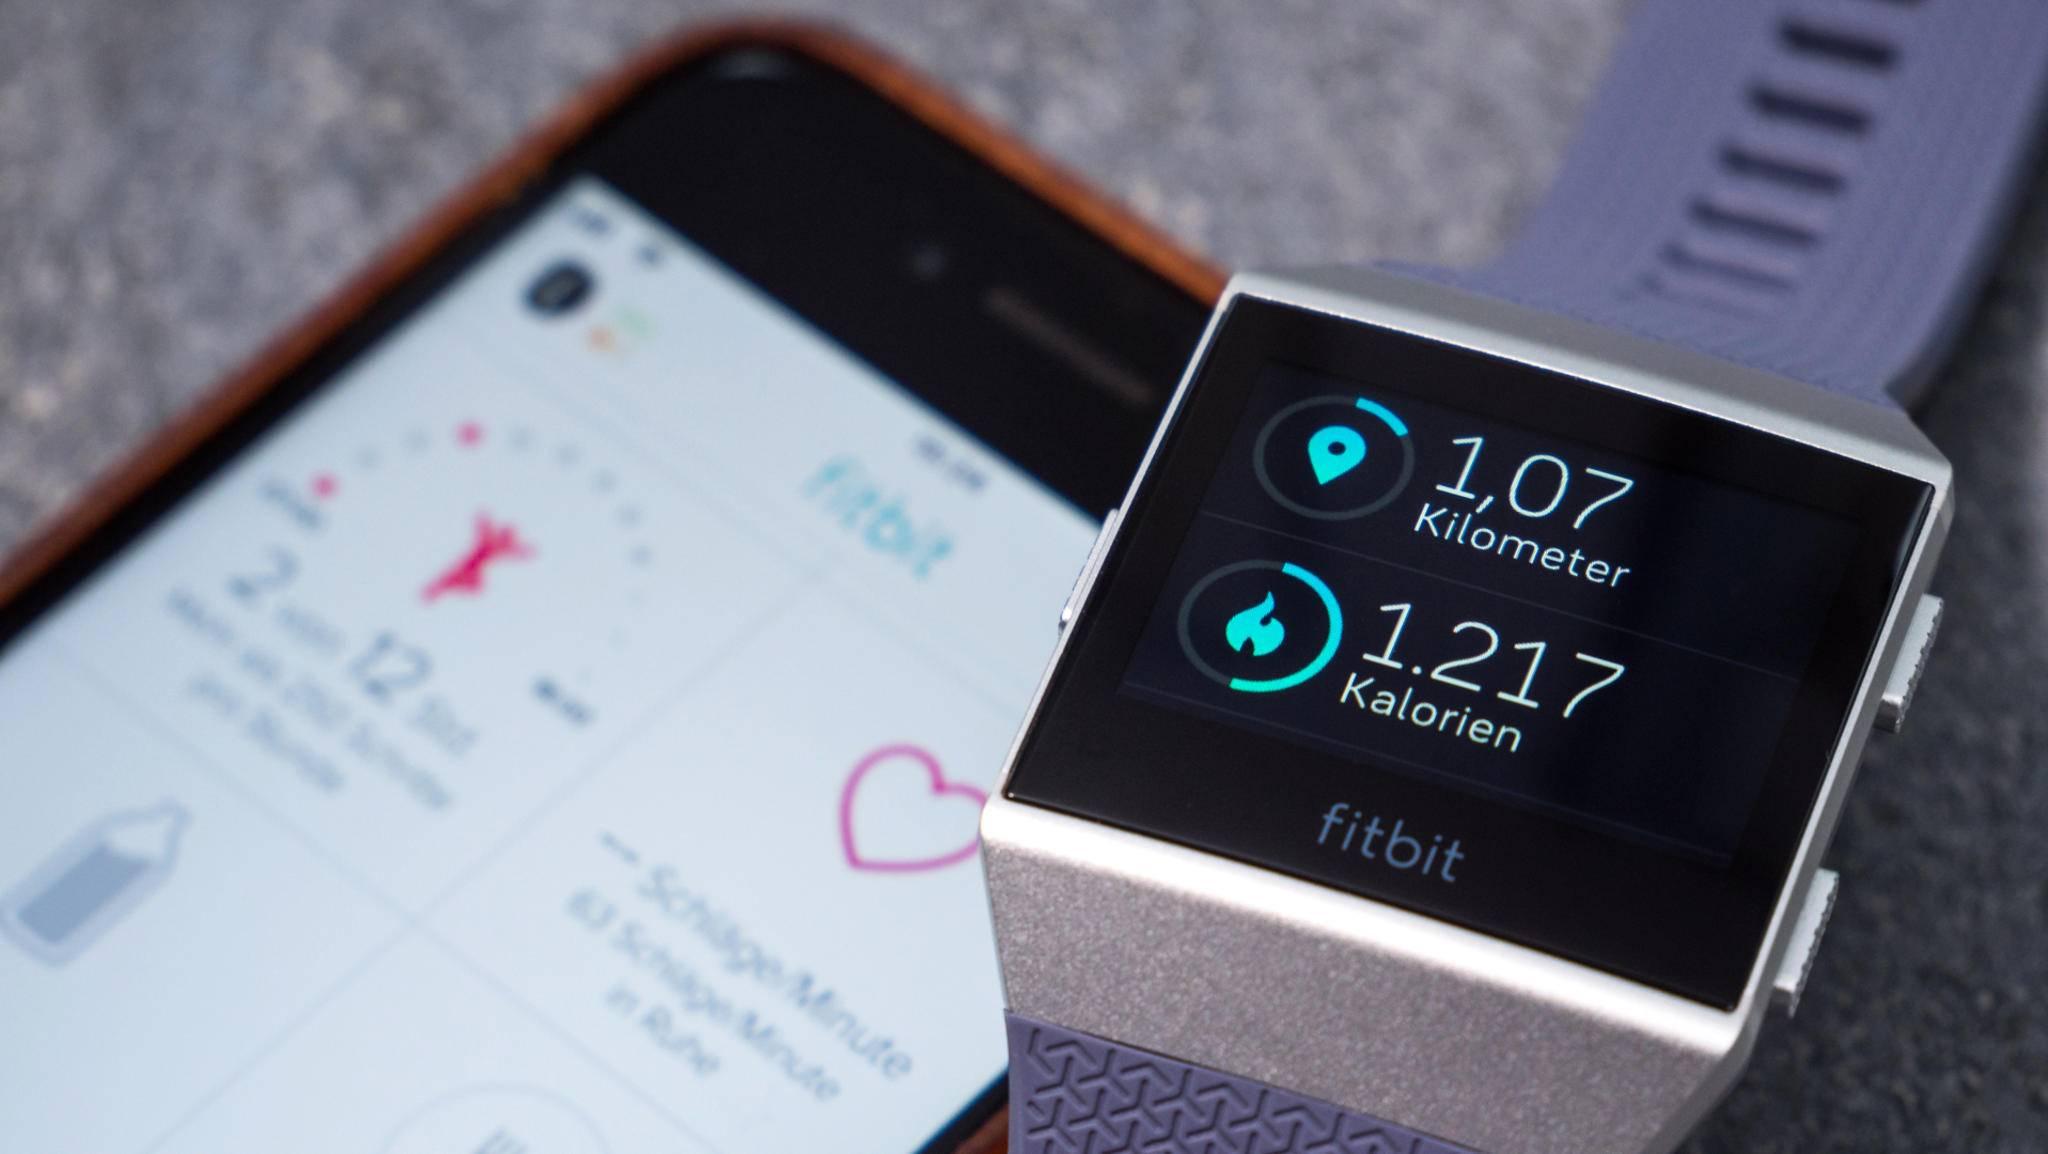 Auf der Uhr selbst können die Daten auch überprüft werden.